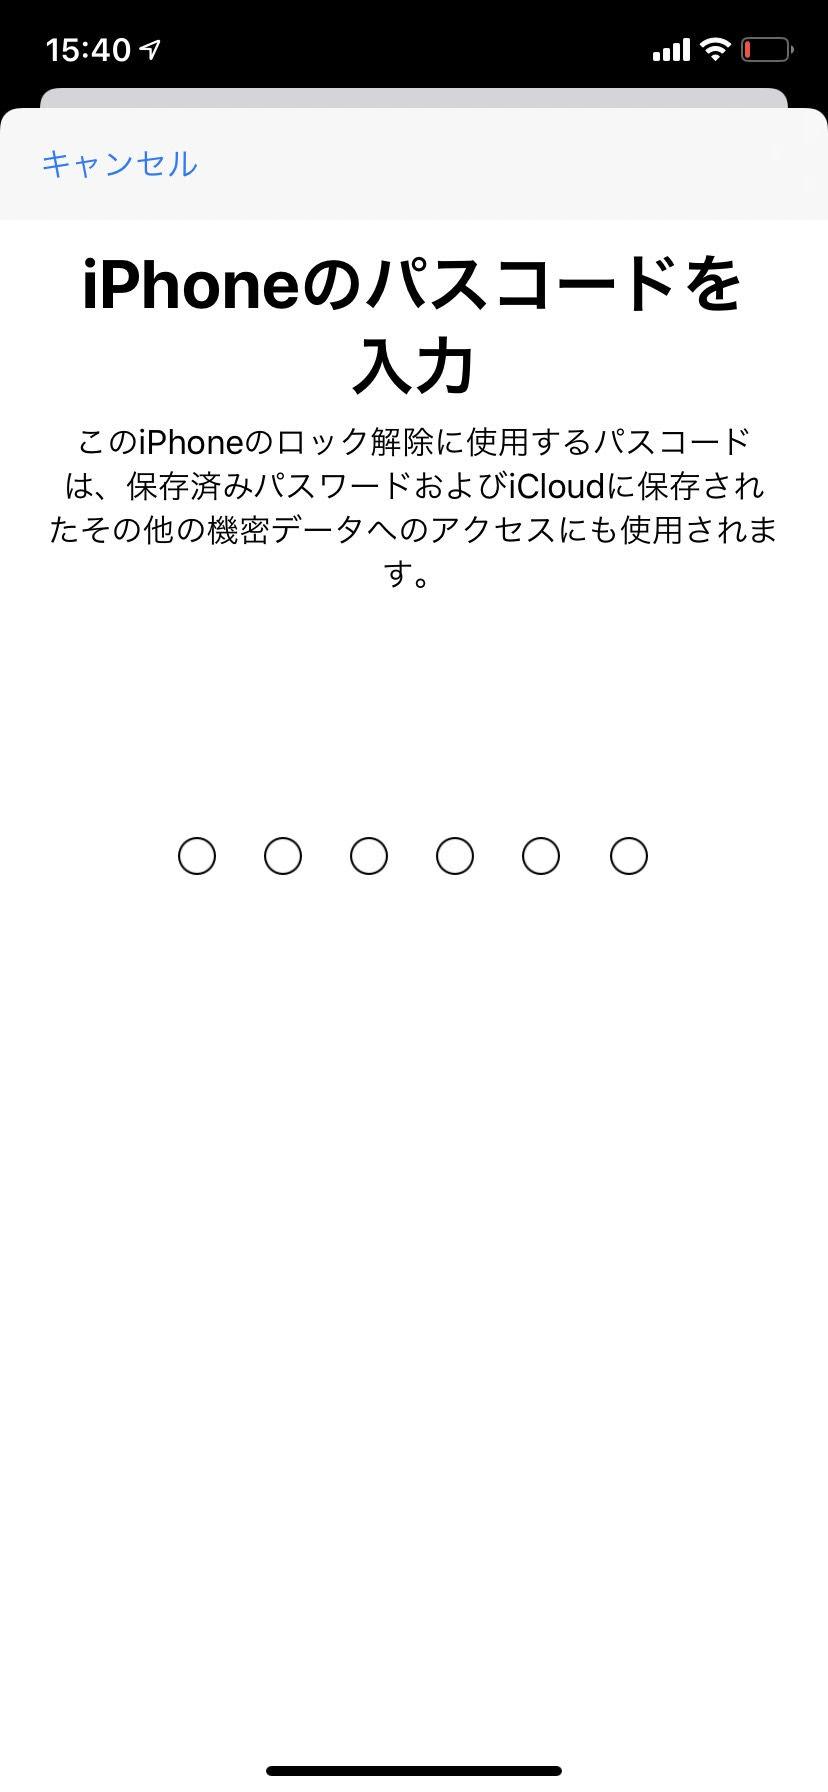 icloudメール作成・取得方法